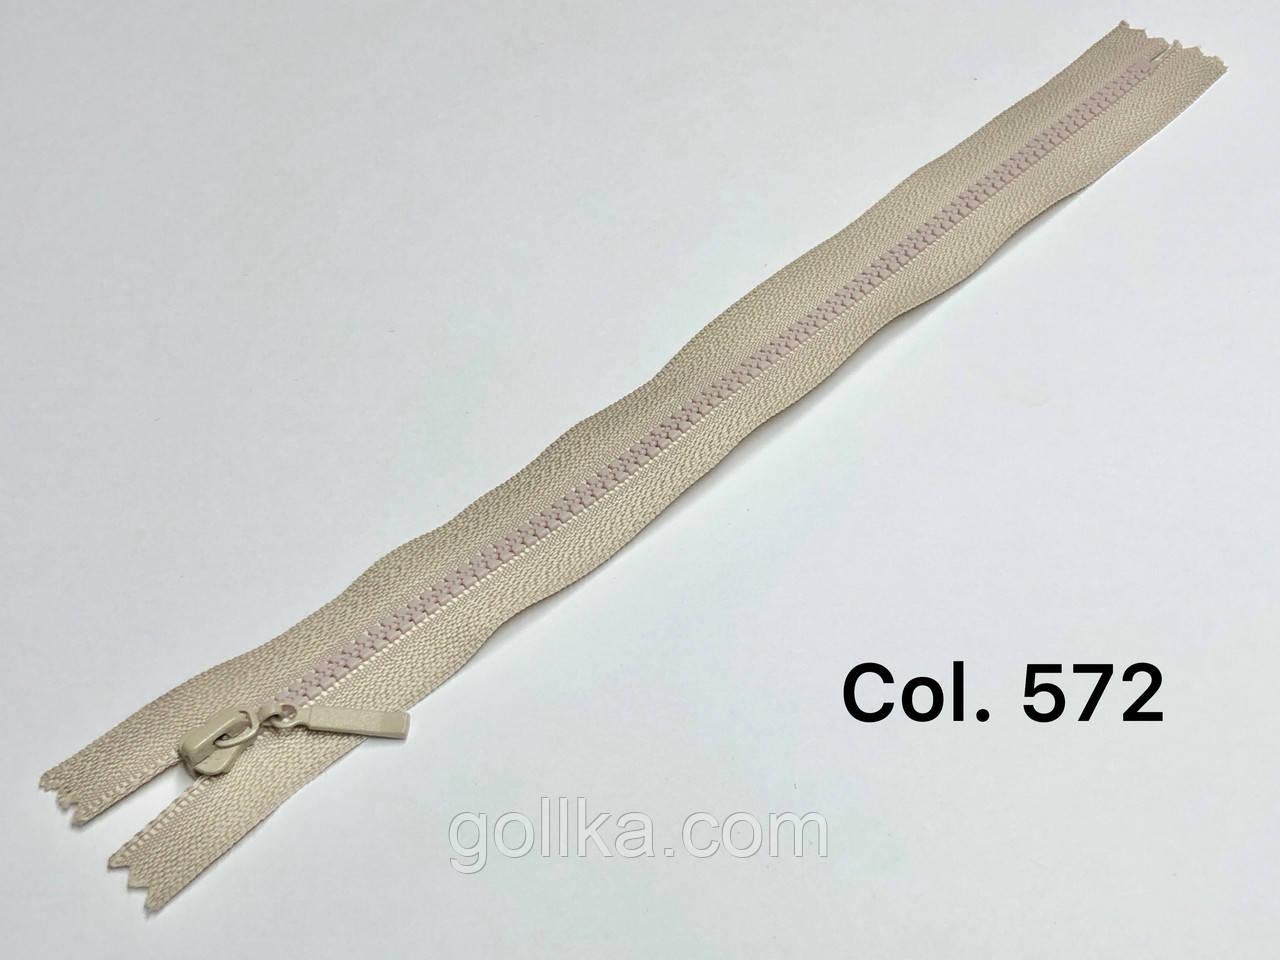 Молния тракторная тип 3 Длина 25 см Неразъемная Используется для горловины свитеров